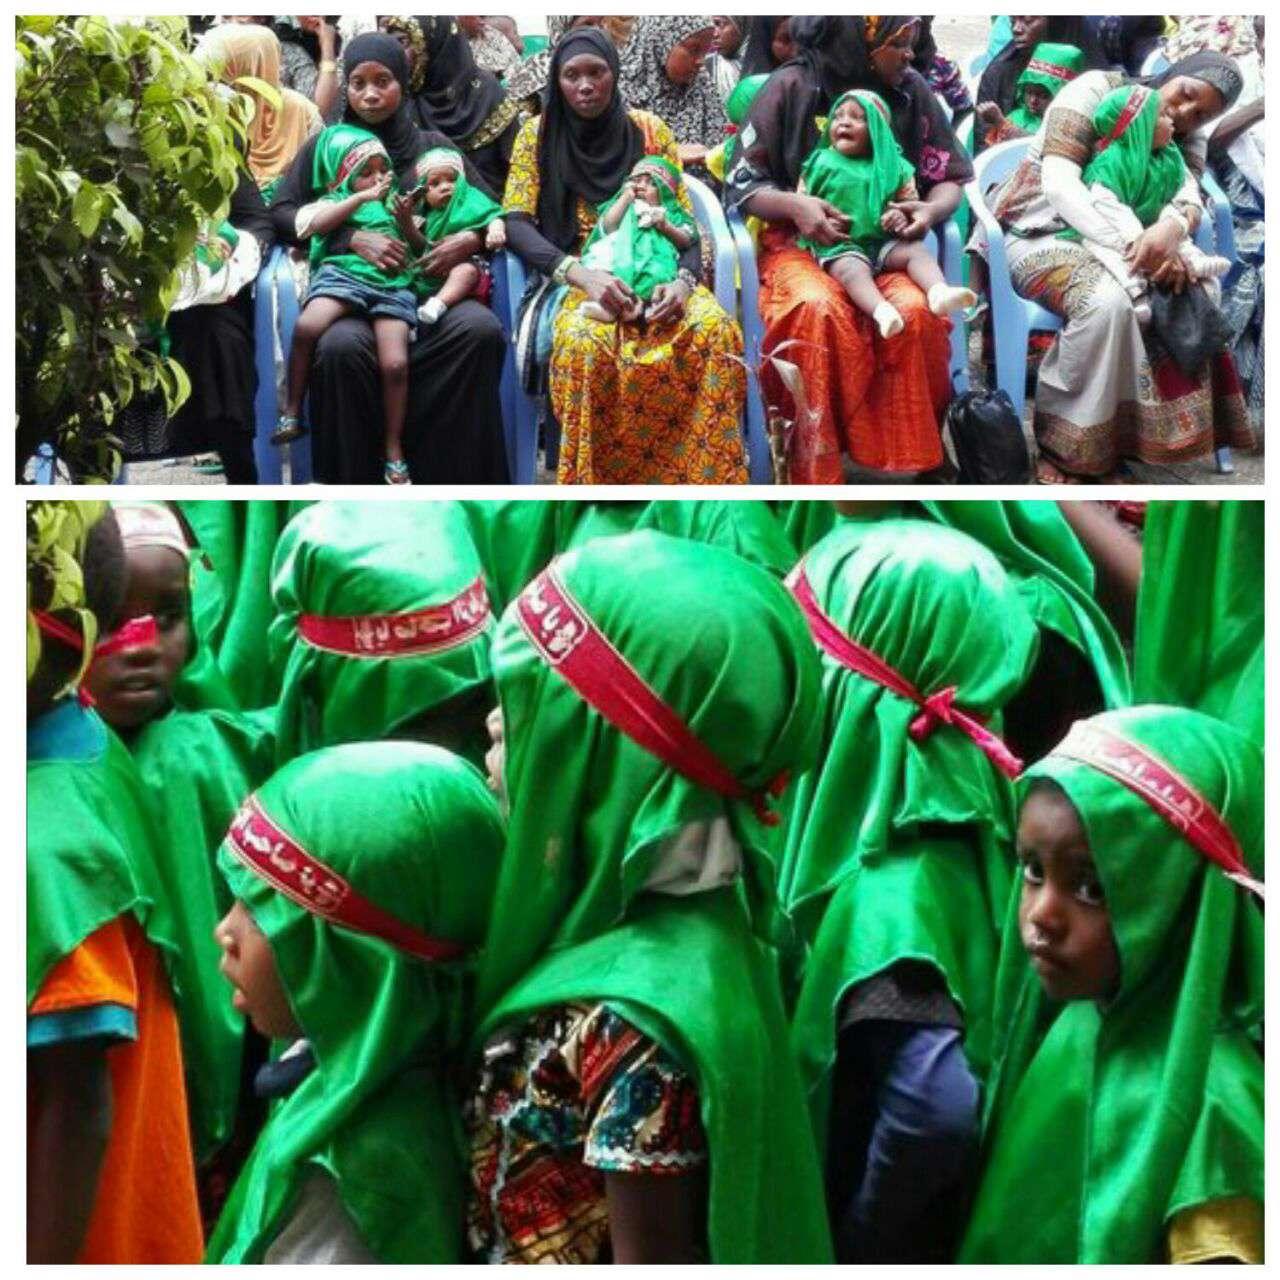 برگزاری روز جهانی حضرت علی اصغر (ع) برای اولین بار در «گینه کوناکری»آفریقا